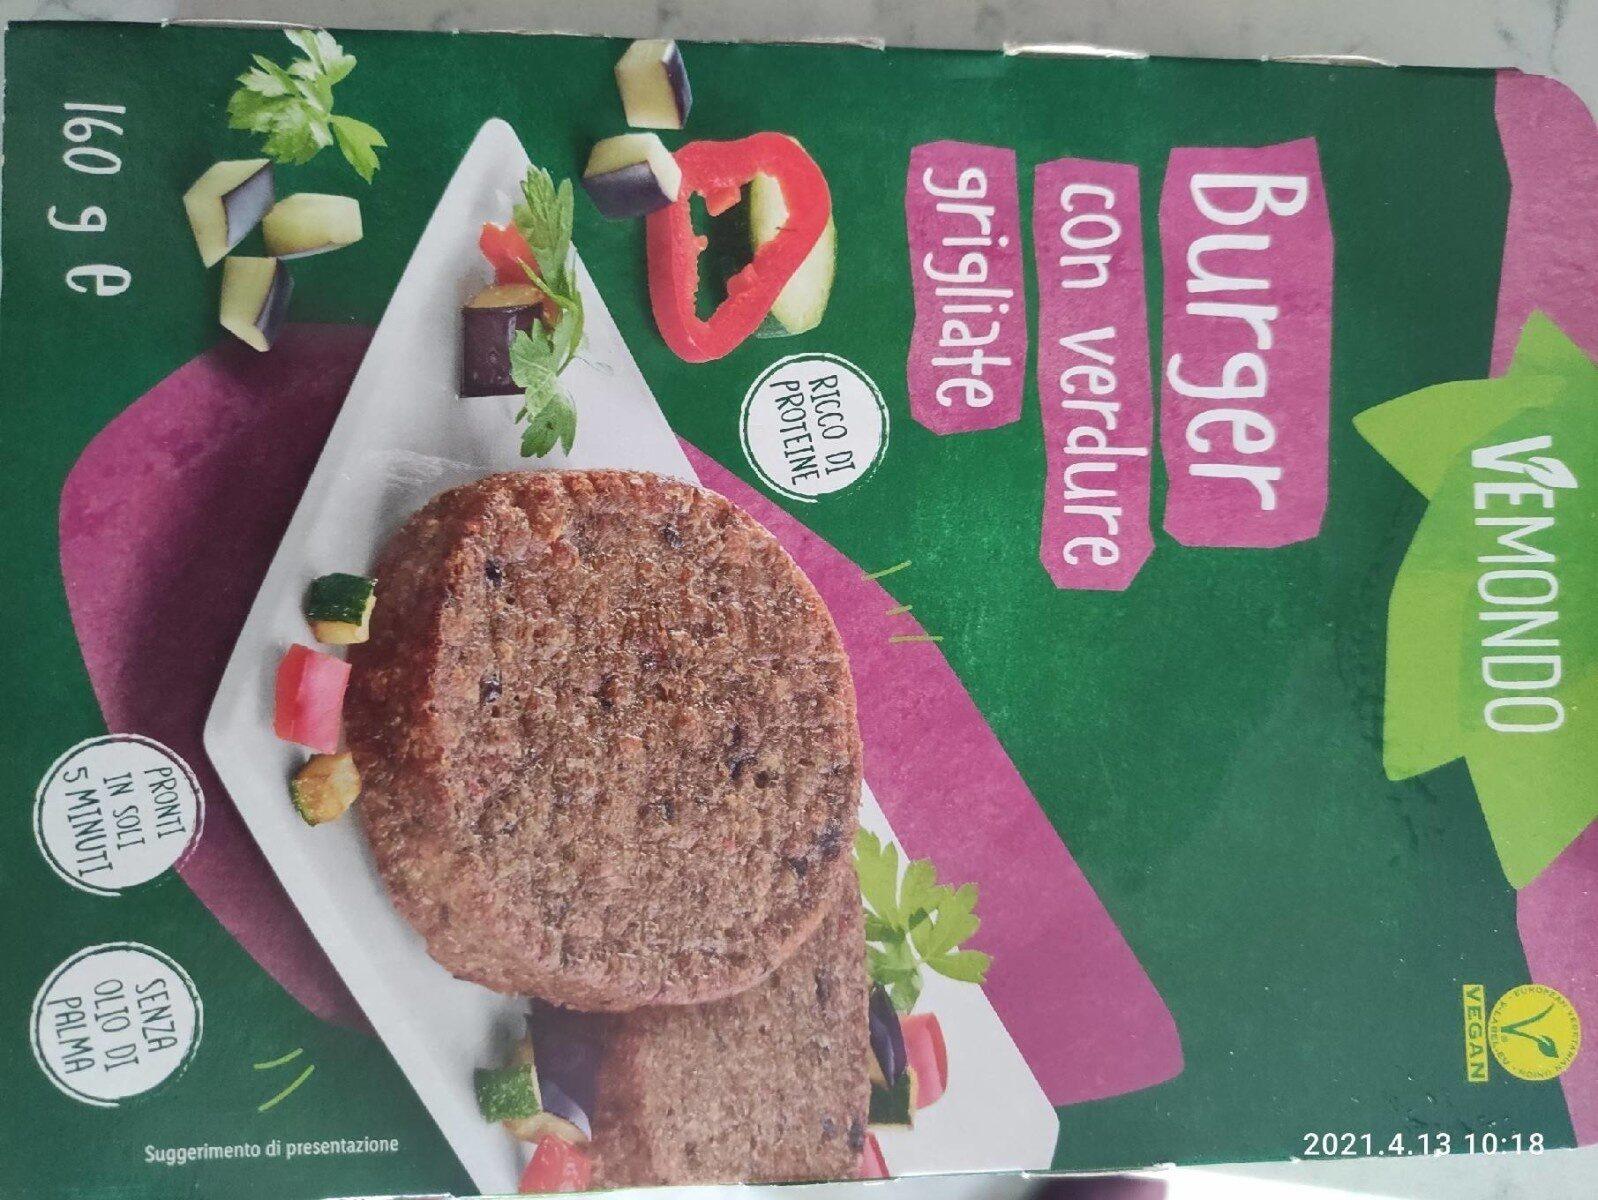 Burger con verdure grigliate - Product - it